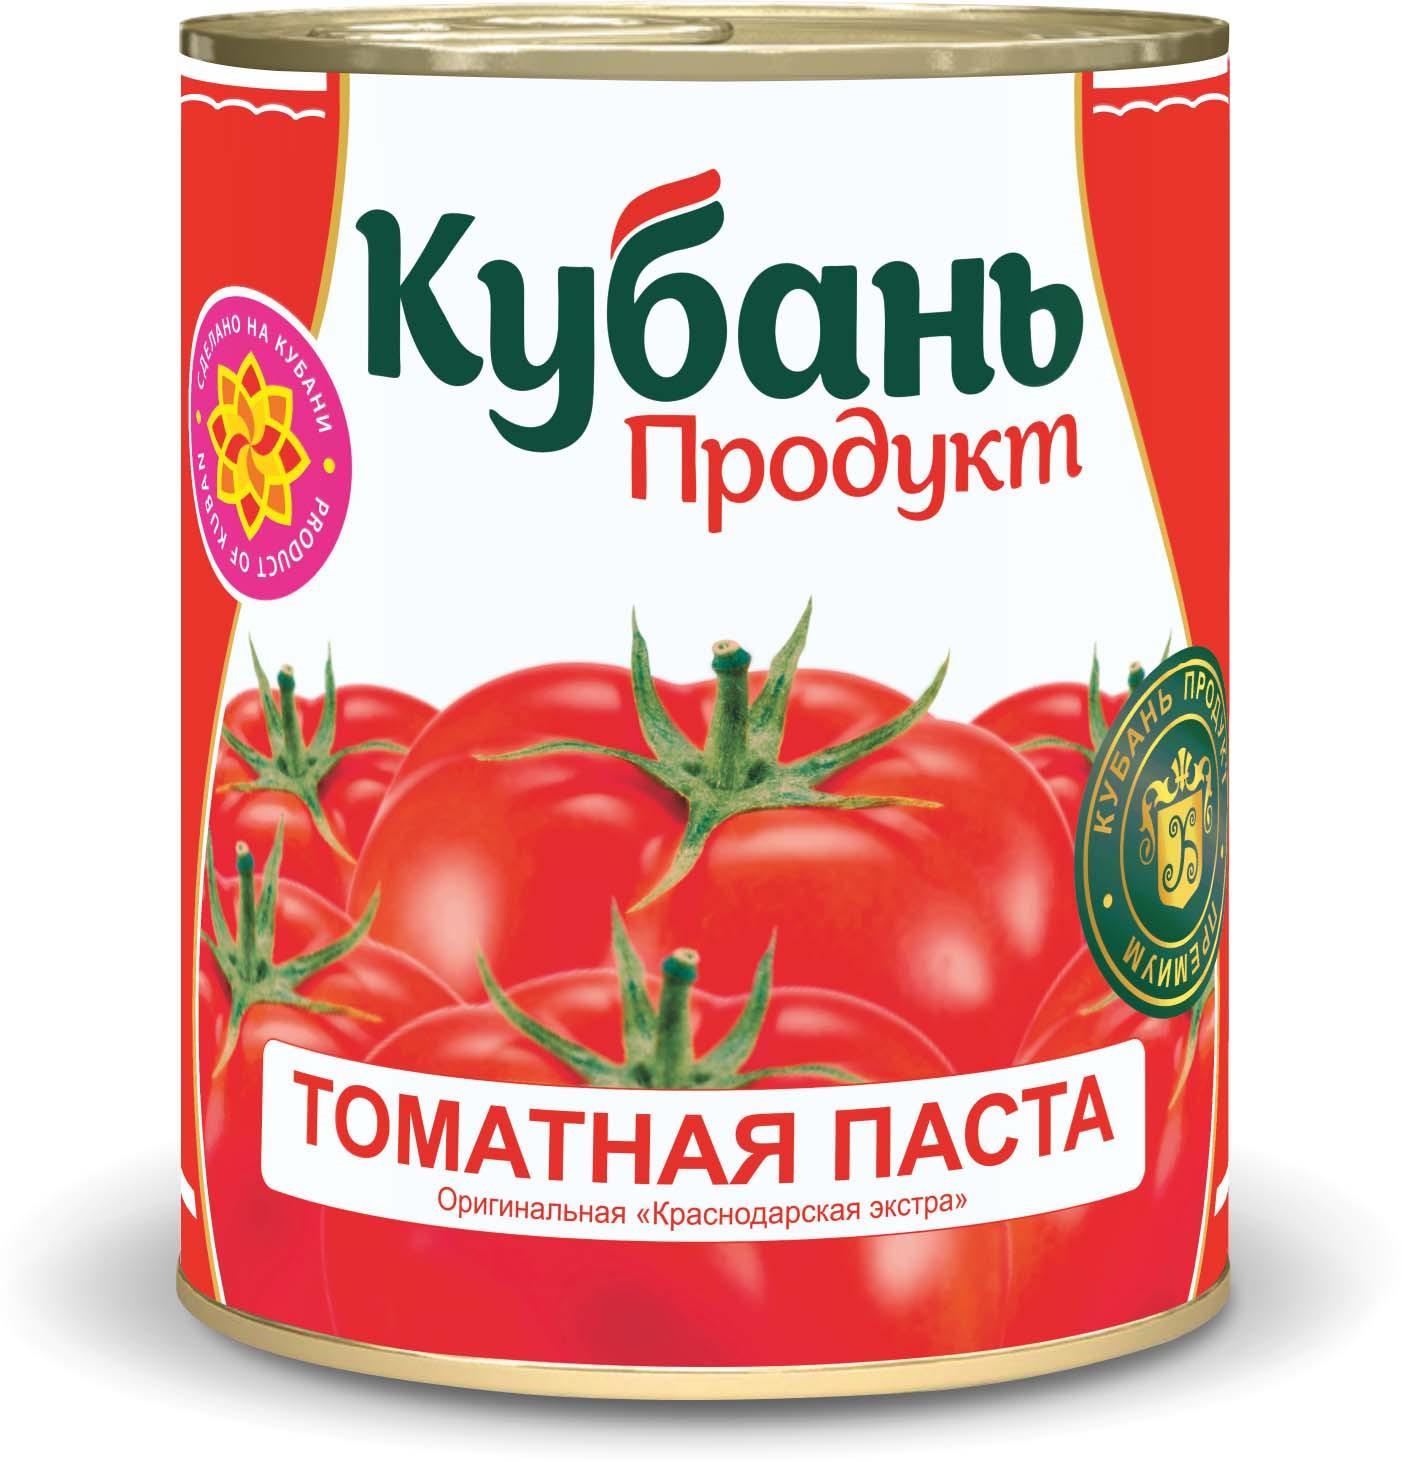 Кубань Продукт паста томатная, 380 г кубань авиабилеты